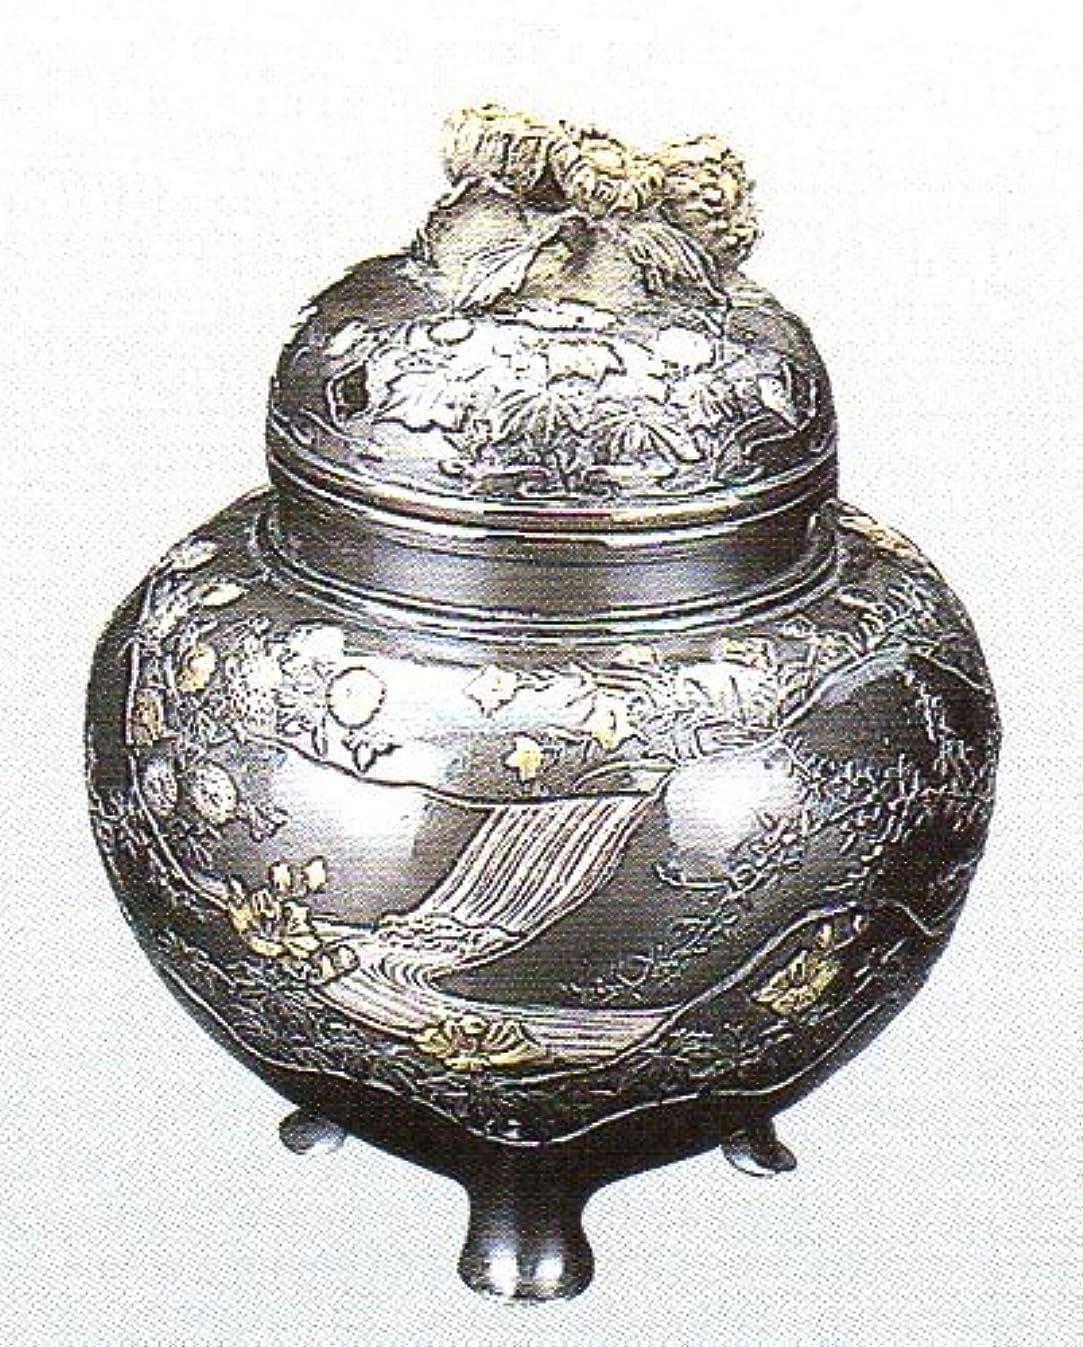 マニアック一見メロディアス香炉 四季 蝋型青銅製 桐箱入 高さ10.2×幅9.2×奥行9.2cm